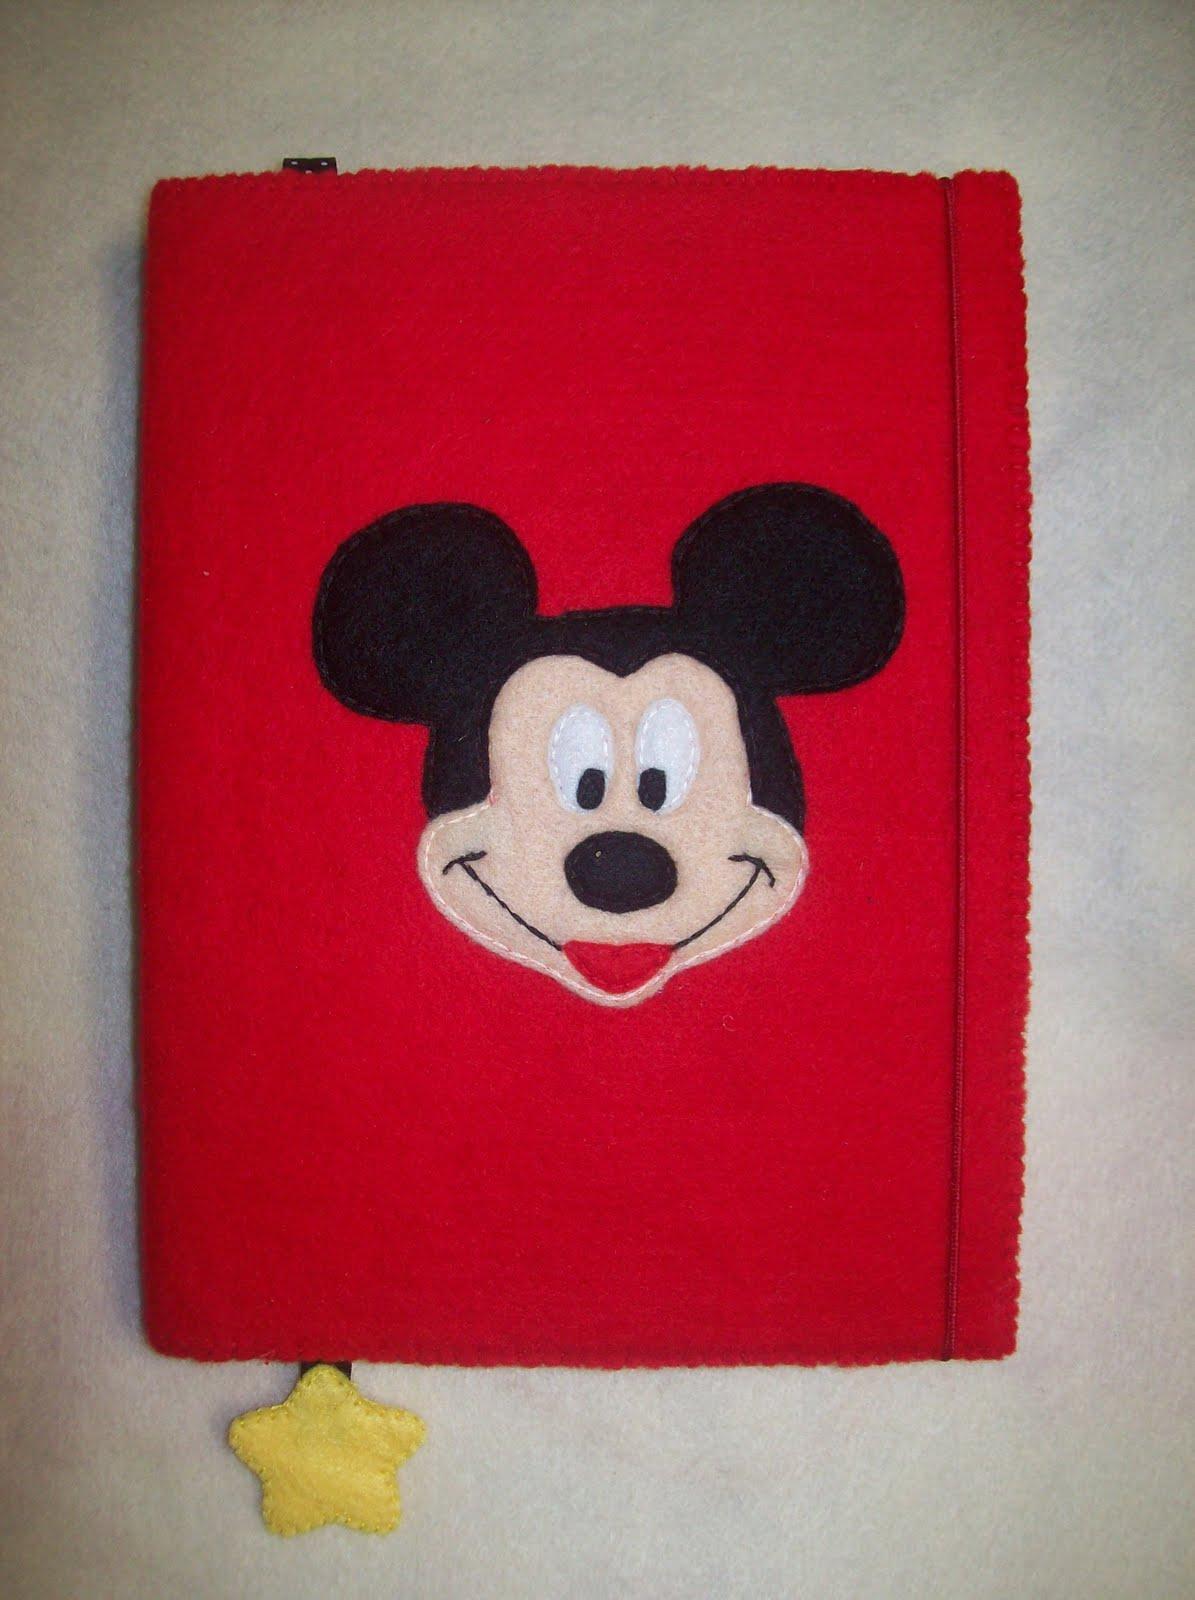 Manualidades de mickey mouse dulceros de fieltro de mickey - Manualidades minnie mouse ...